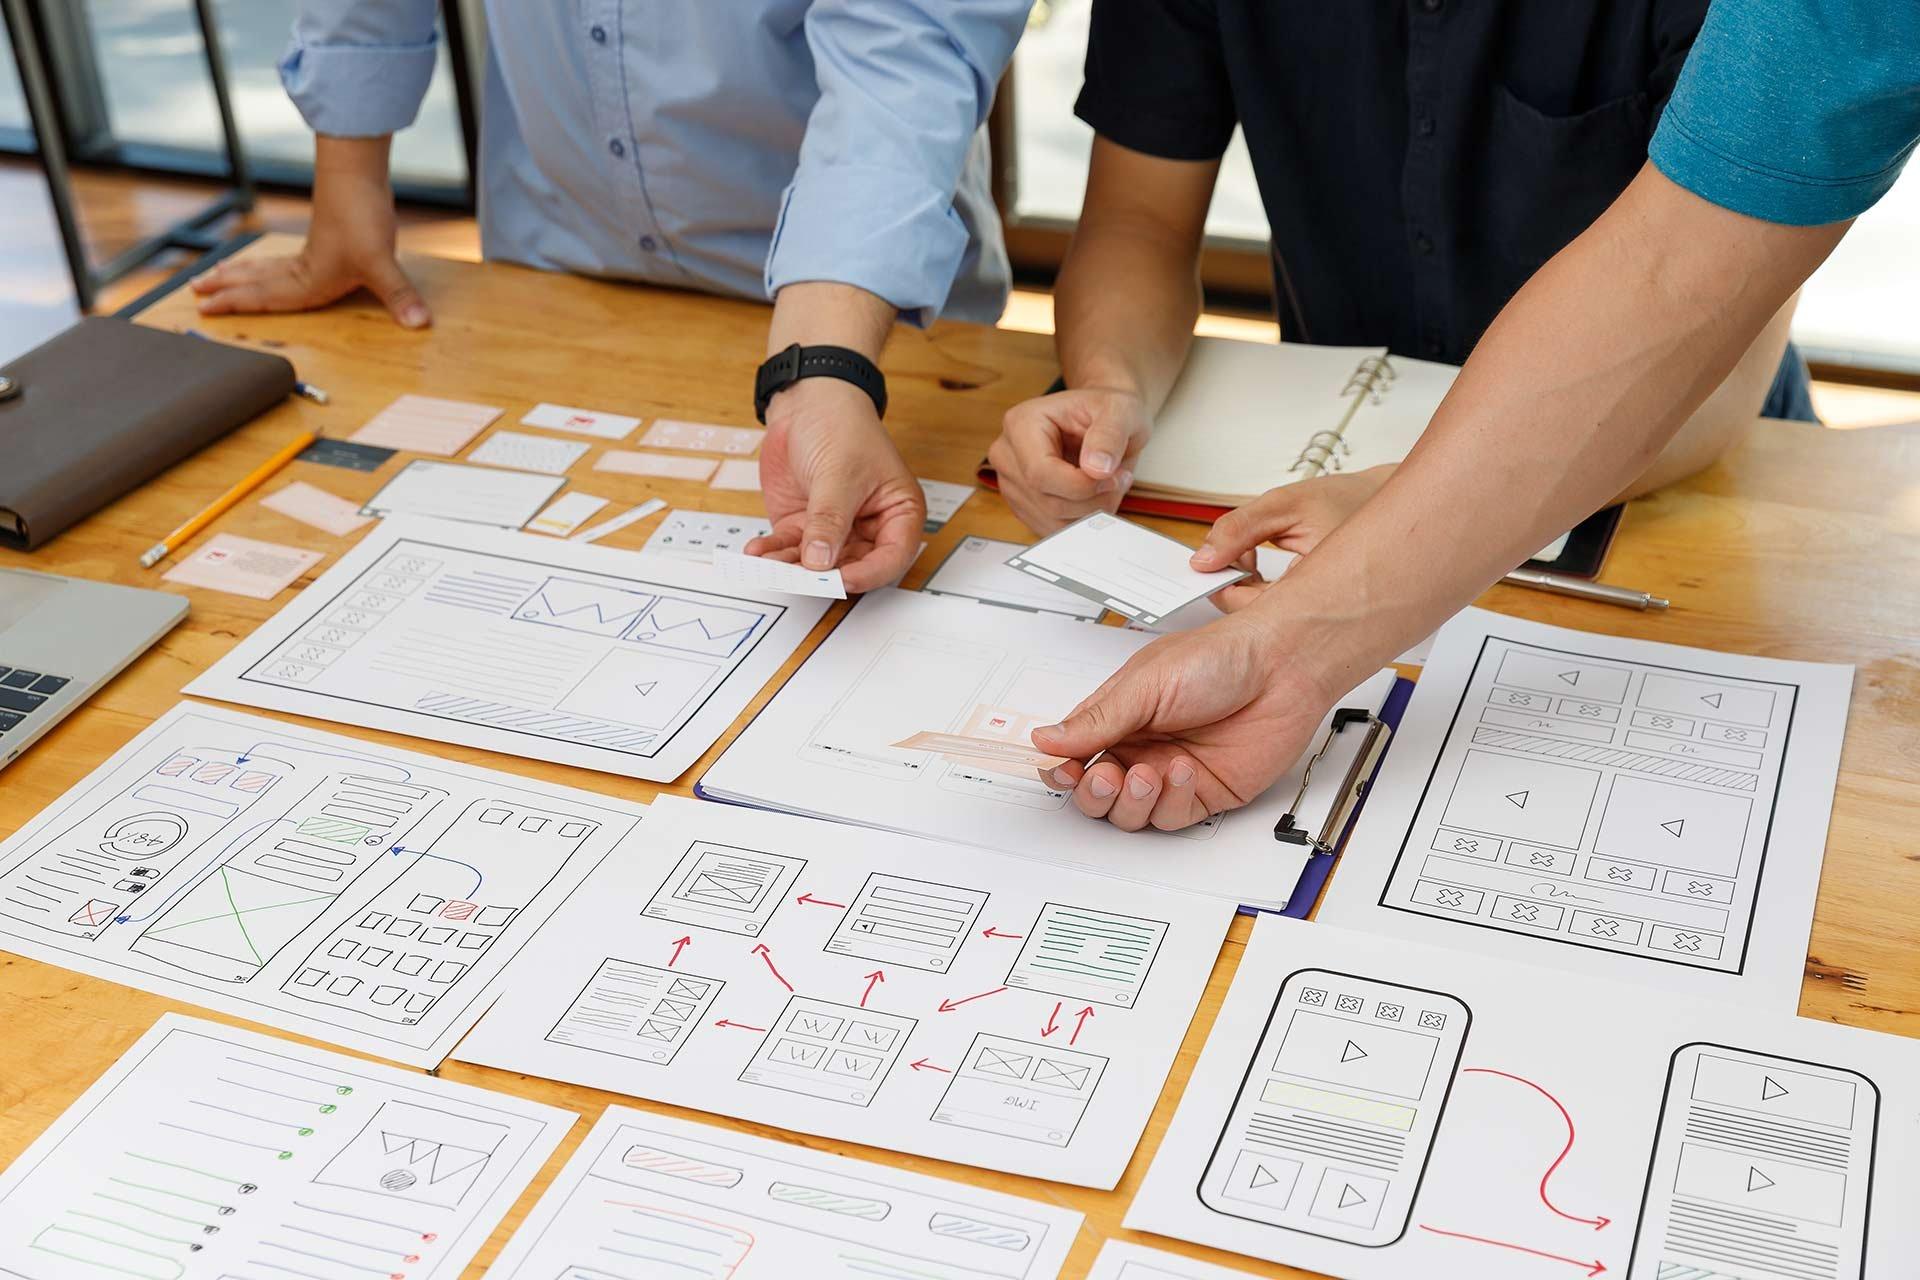 Käyttöliittymäsuunnittelua prototyyppien avulla